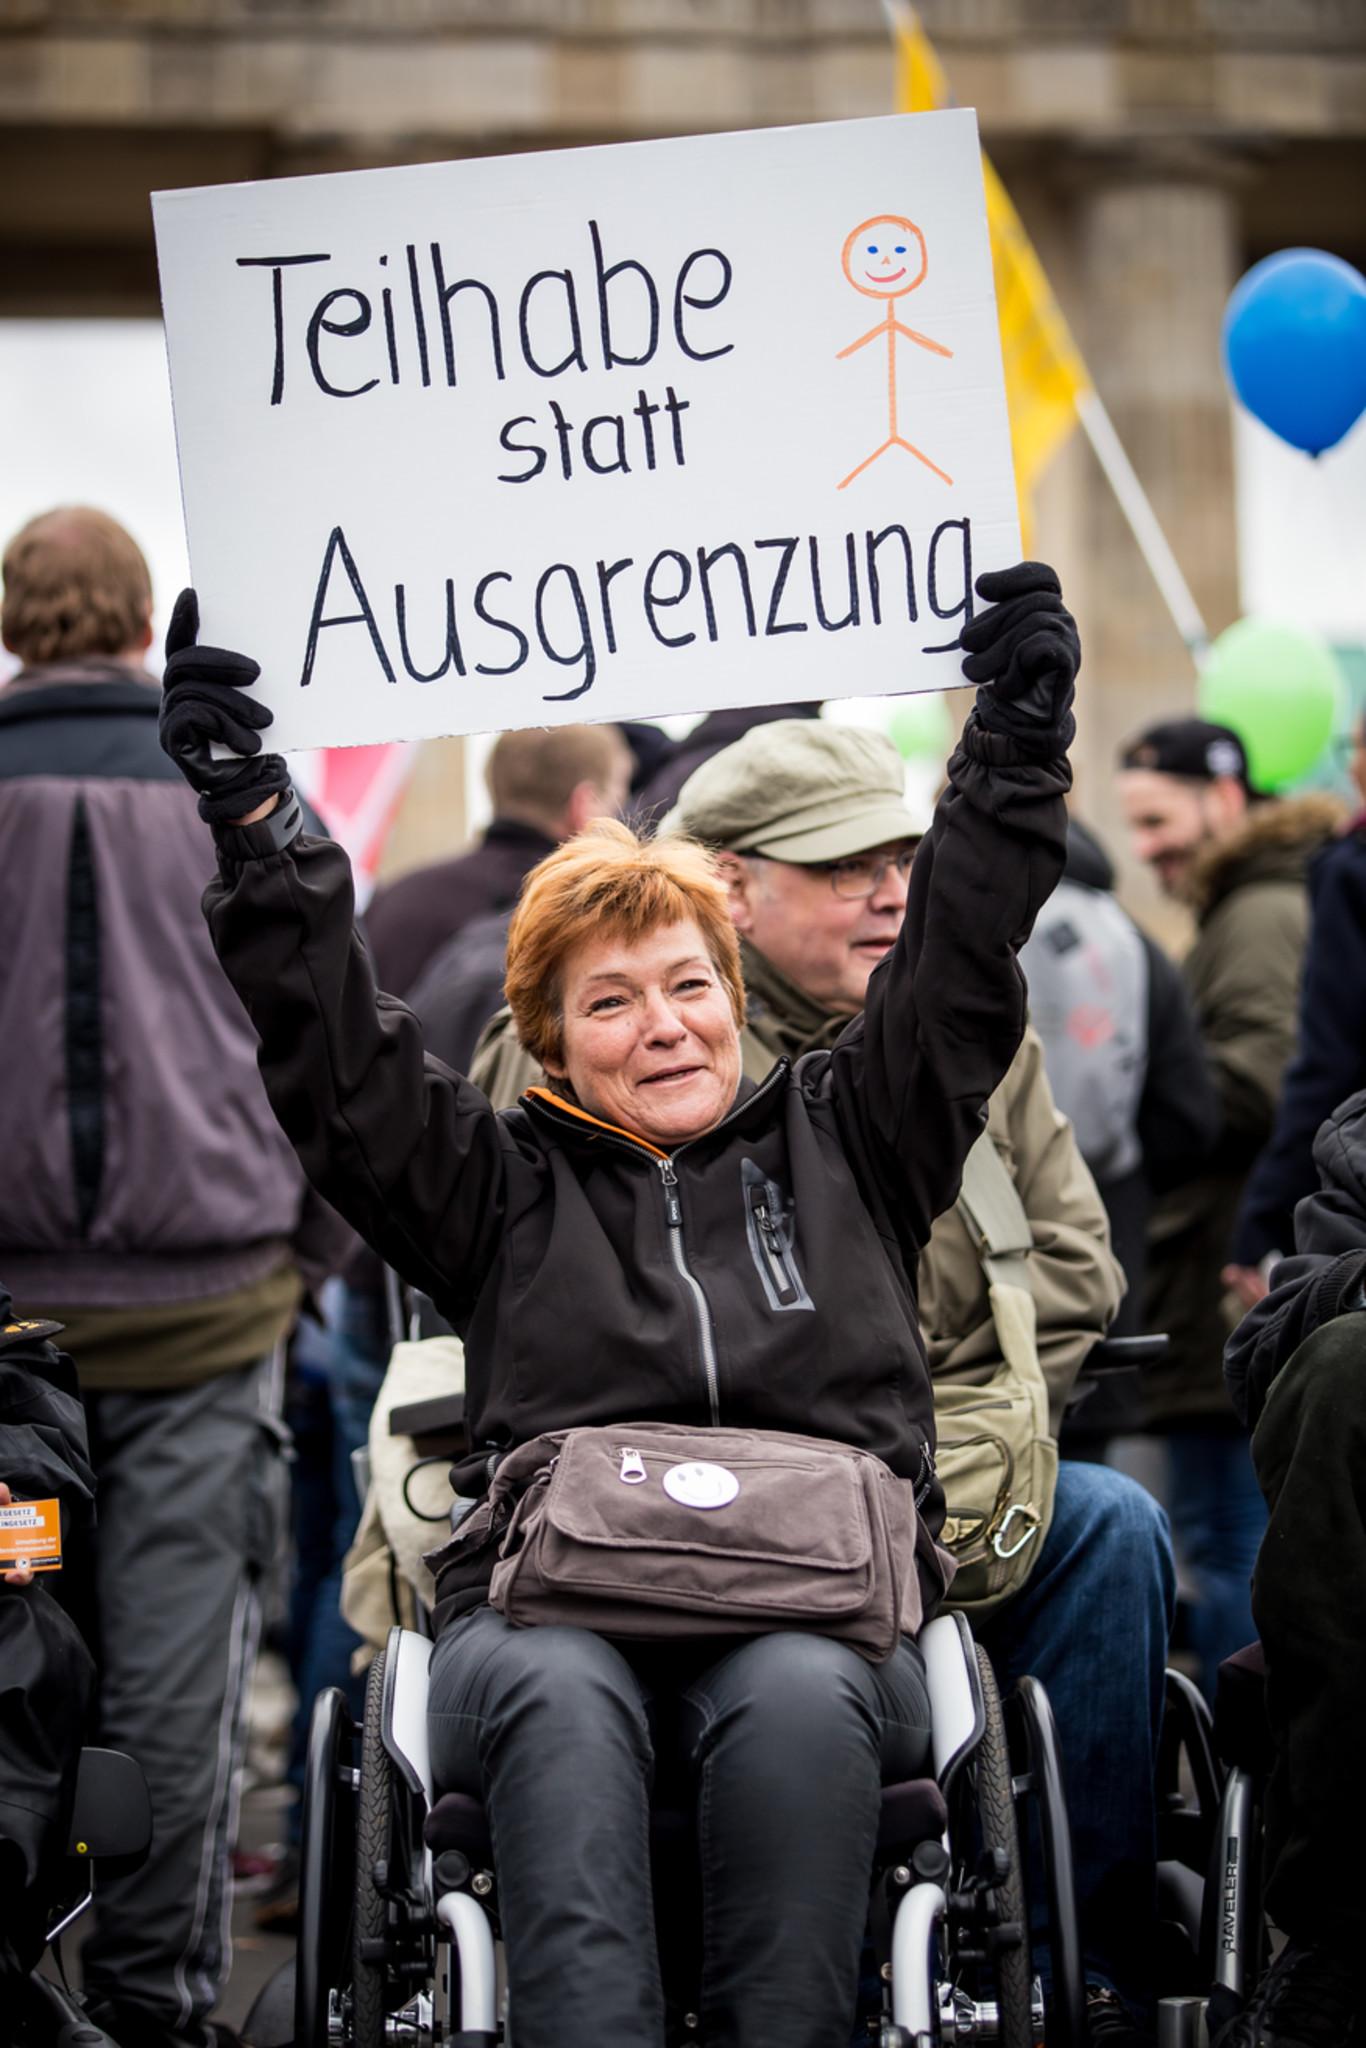 Frau mit Rollstuhl protestiert und hält Banner: Teilhabe statt Ausgrenzung